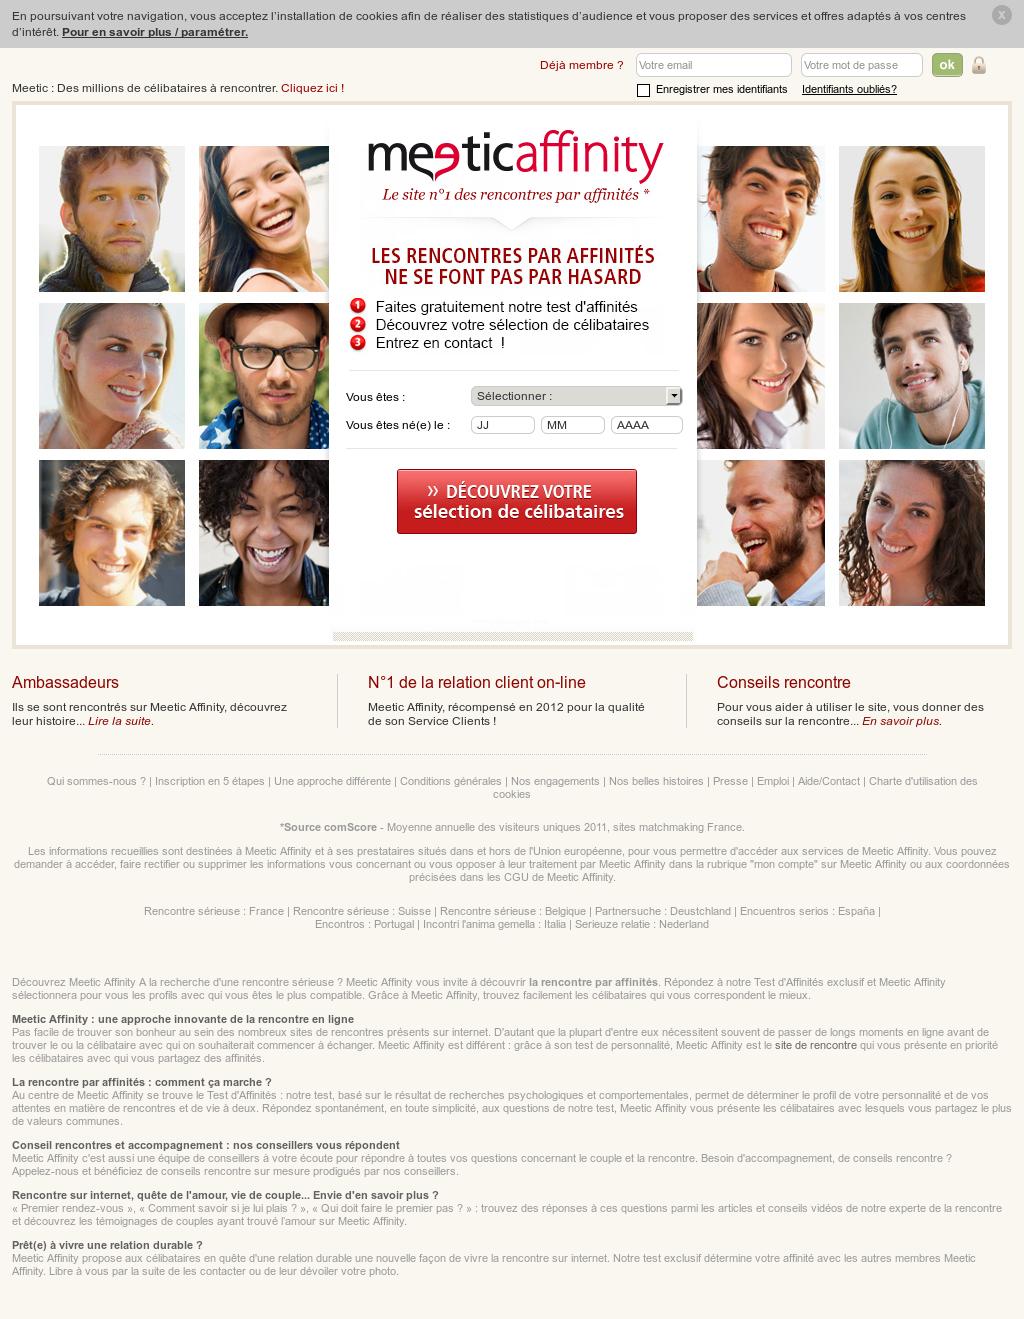 Meetic acquiert le premier site d'évènements pour célibataires